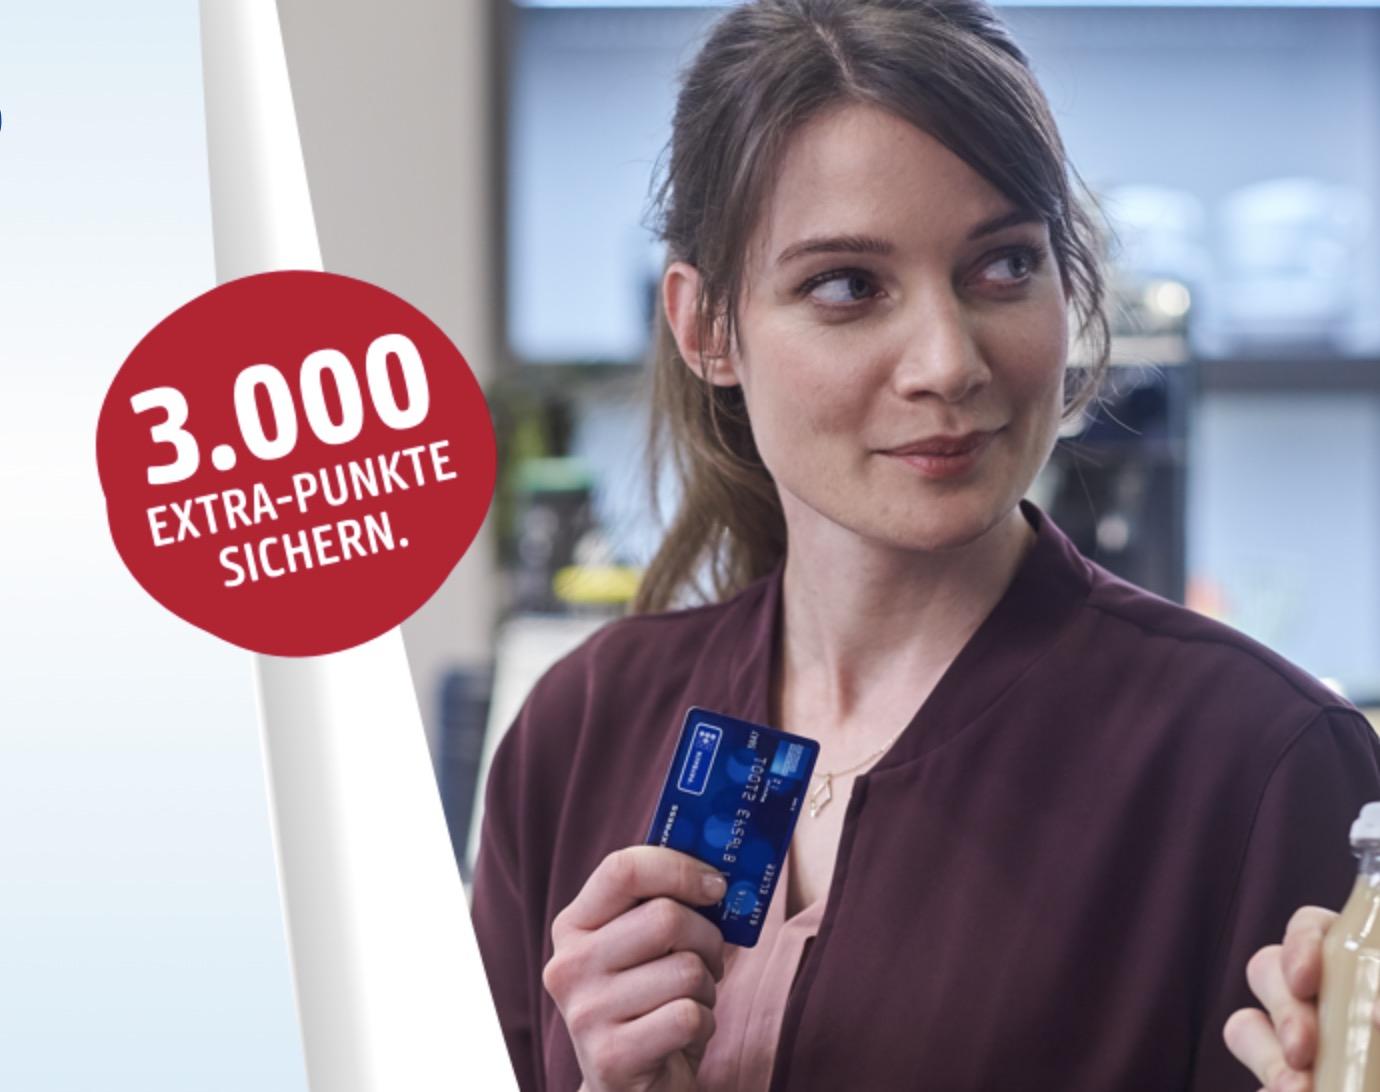 3.000 Punkte (= 30€ Bonus) 🤑 für die kostenlosen Payback American Express